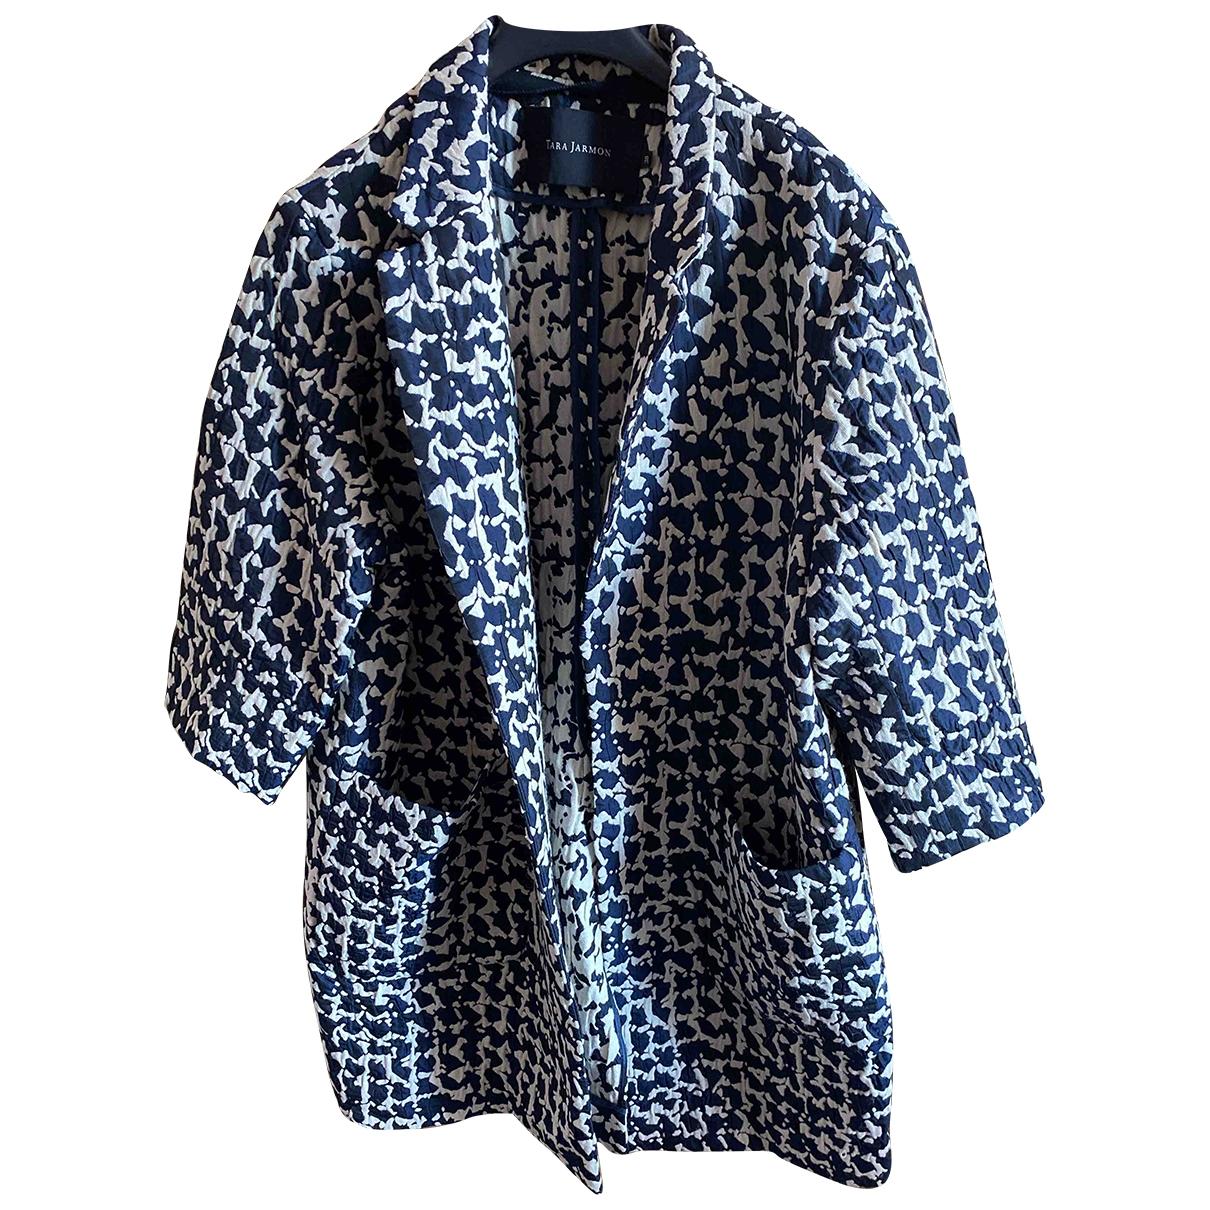 Tara Jarmon \N Blue jacket for Women 38 IT